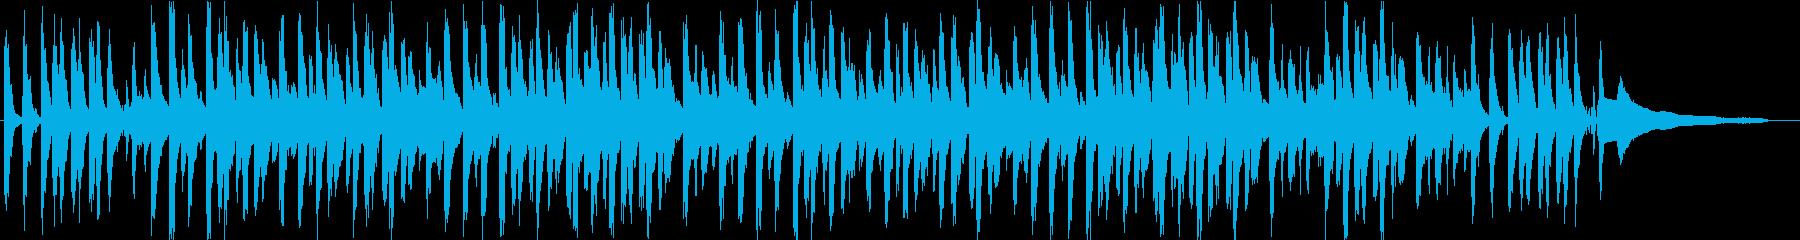 明るくほのぼの、穏やかなBGMの再生済みの波形